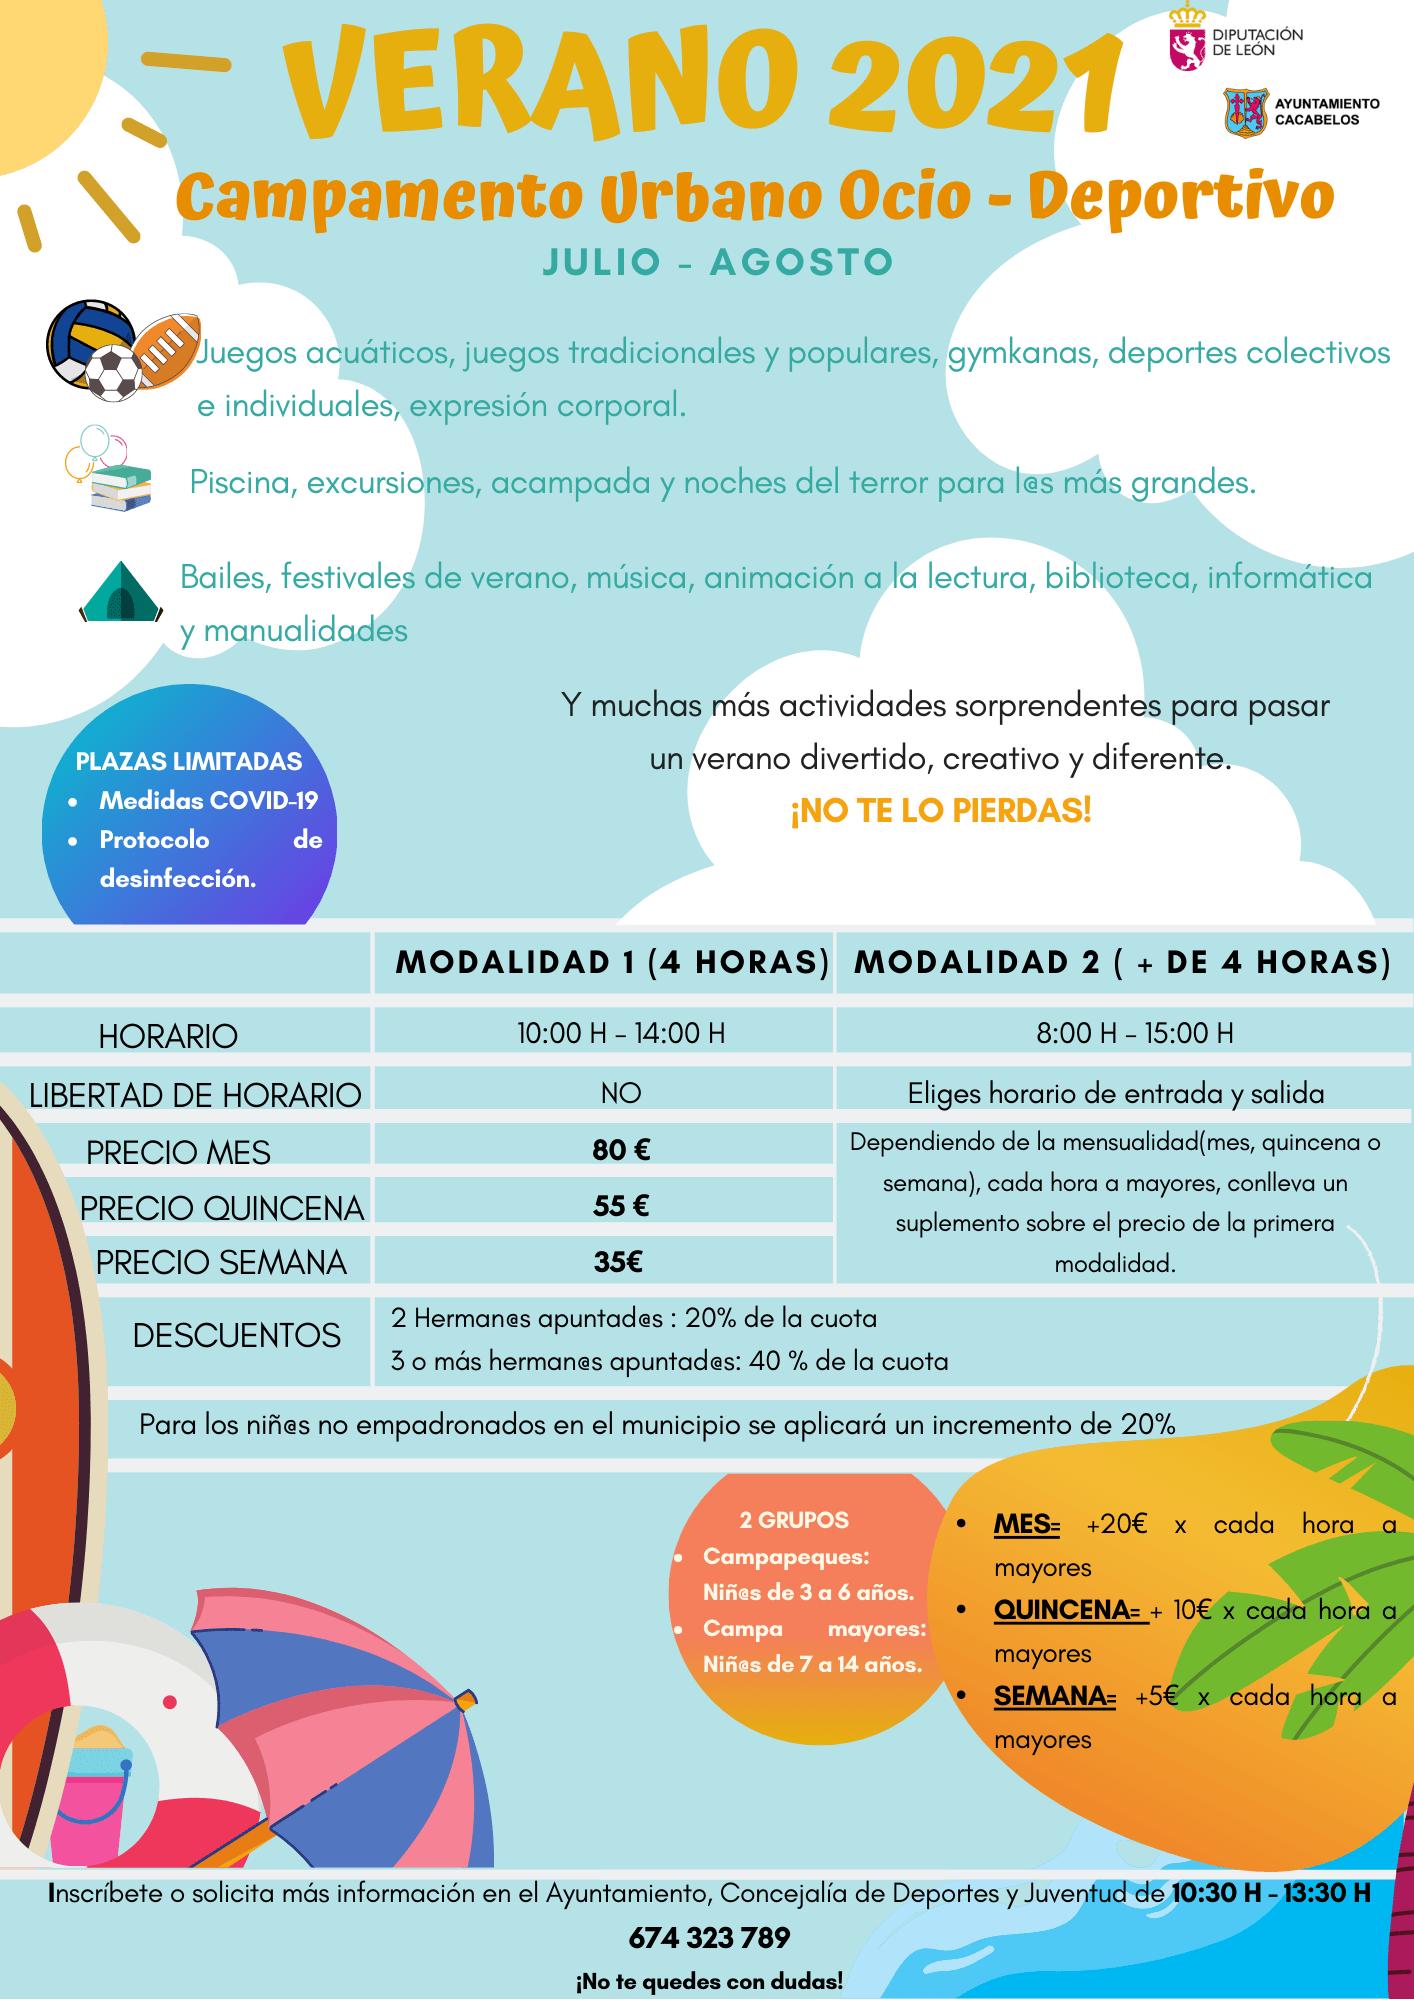 Campamentos y Campus de verano 2021 en Ponferrada y El Bierzo 17